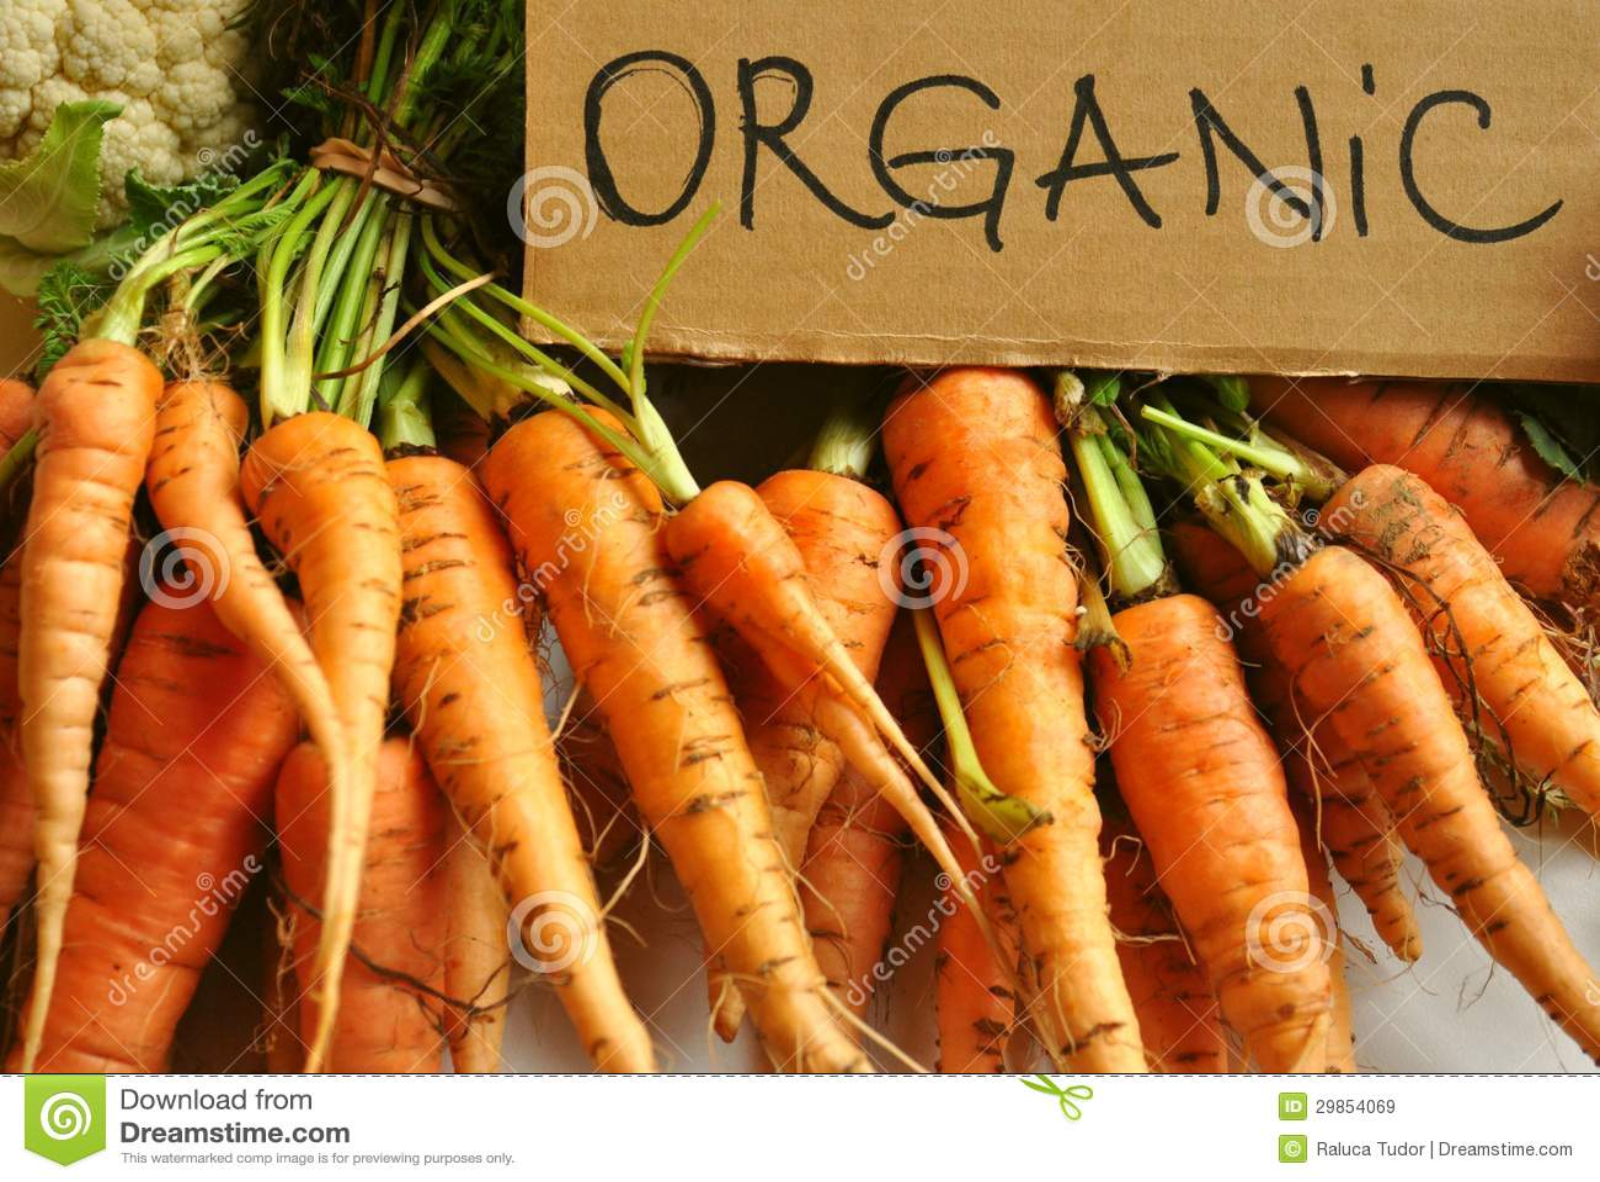 Verduras Organicas Reales Zanahorias Imagen De Archivo Imagen De Organicas Zanahorias 29854069 Su aporte de fibra, vitaminas, minerales y. dreamstime